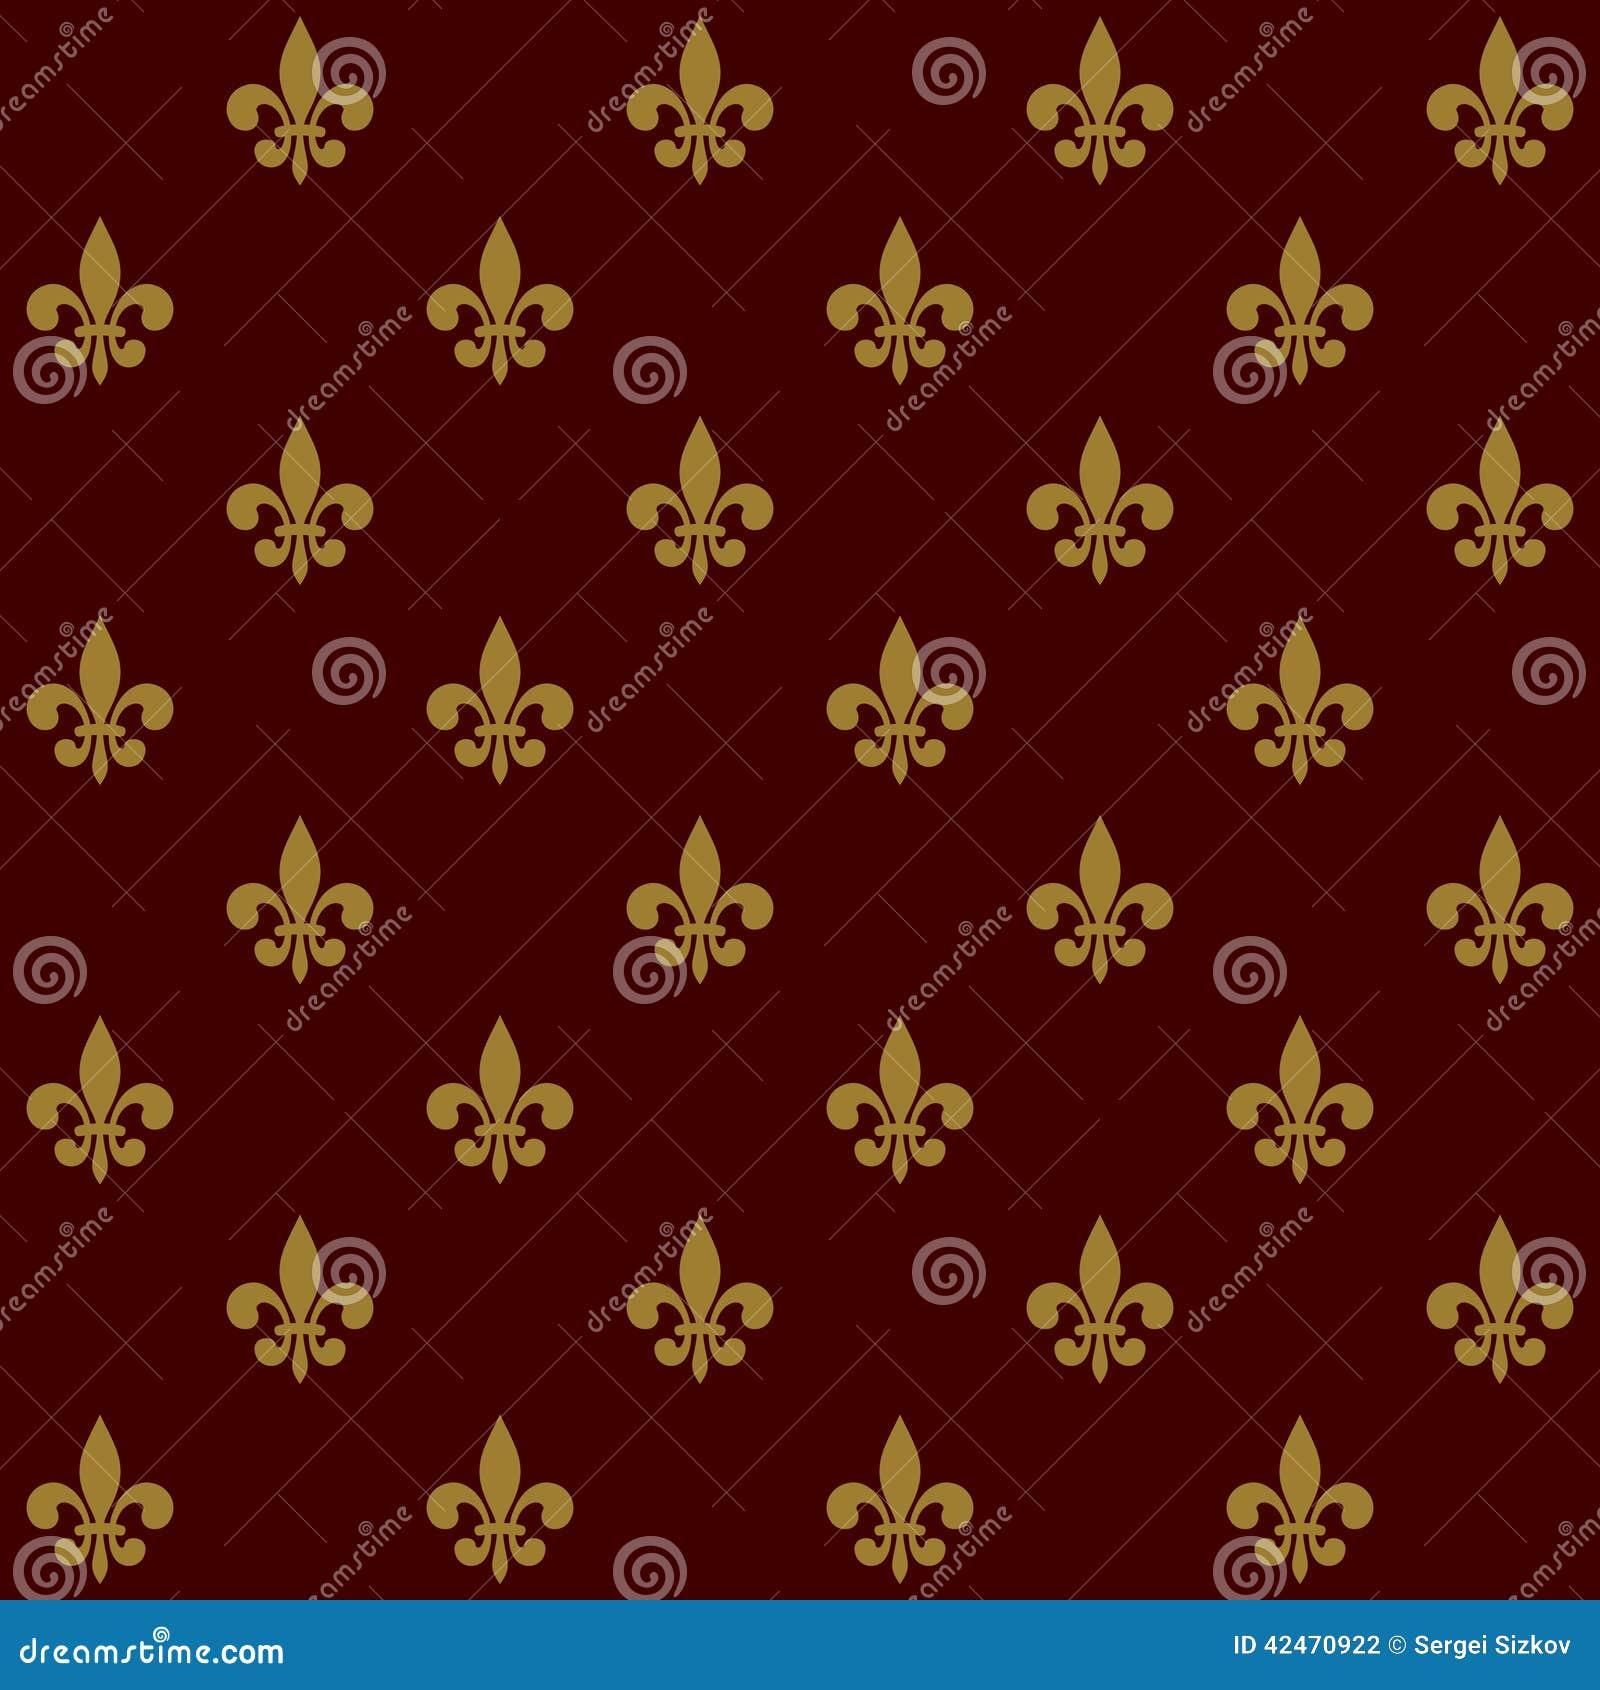 Königliche Lily Fleur de Lis Seamless Pattern Vektor